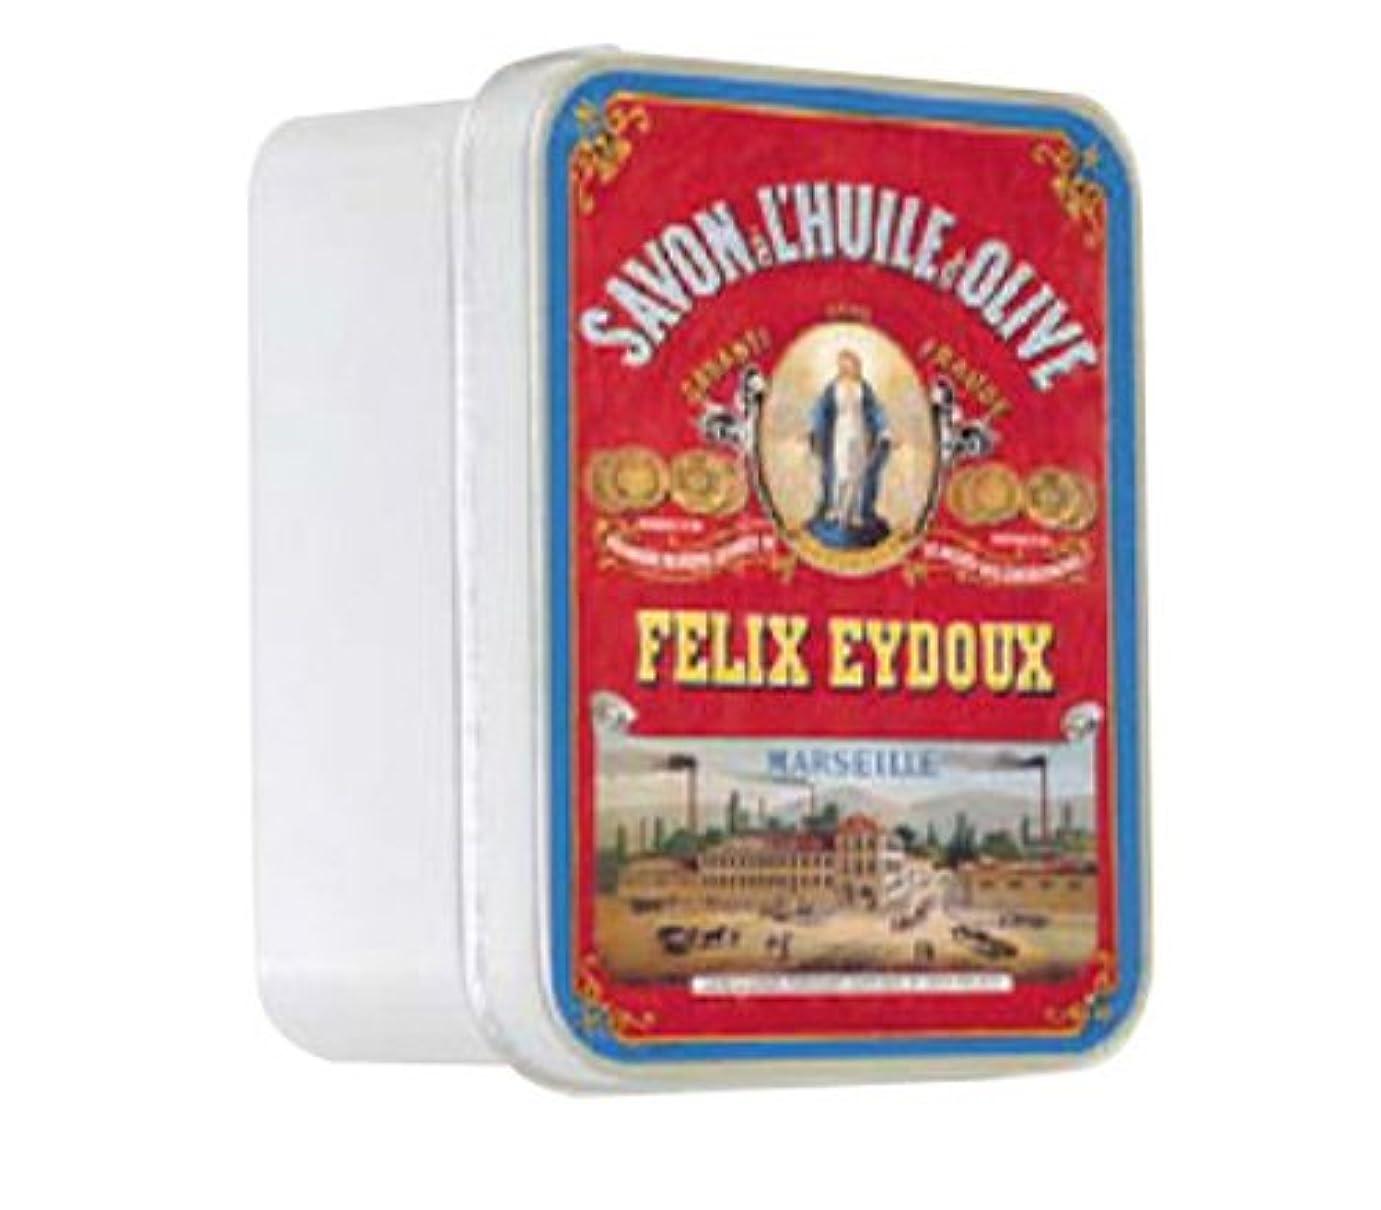 ルブランソープ メタルボックス(マルセイユソープ?オリーブの香り)石鹸